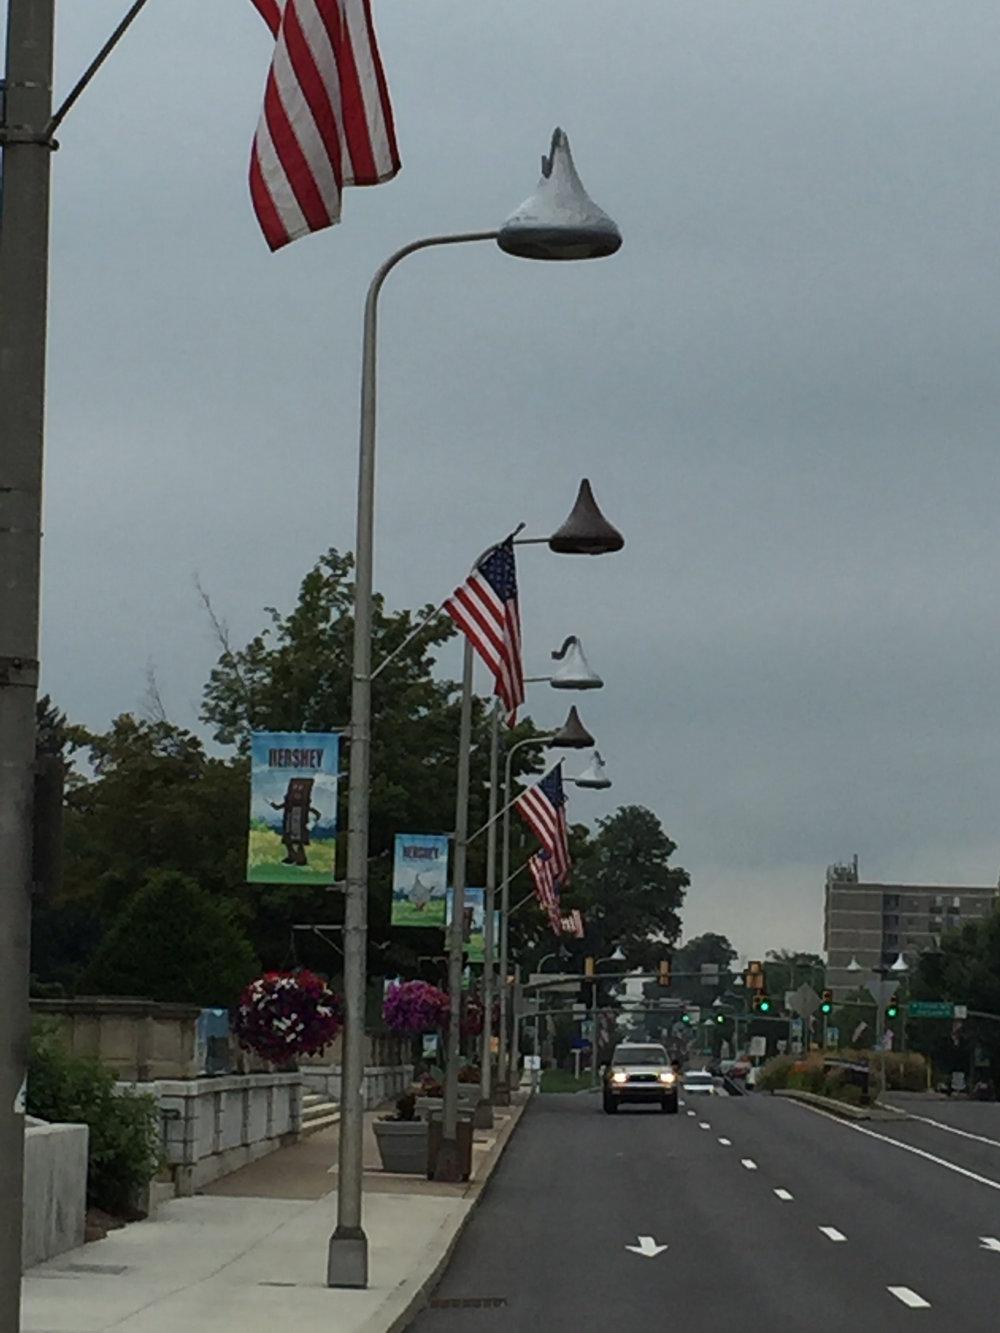 Hershey-Streetlights.jpg